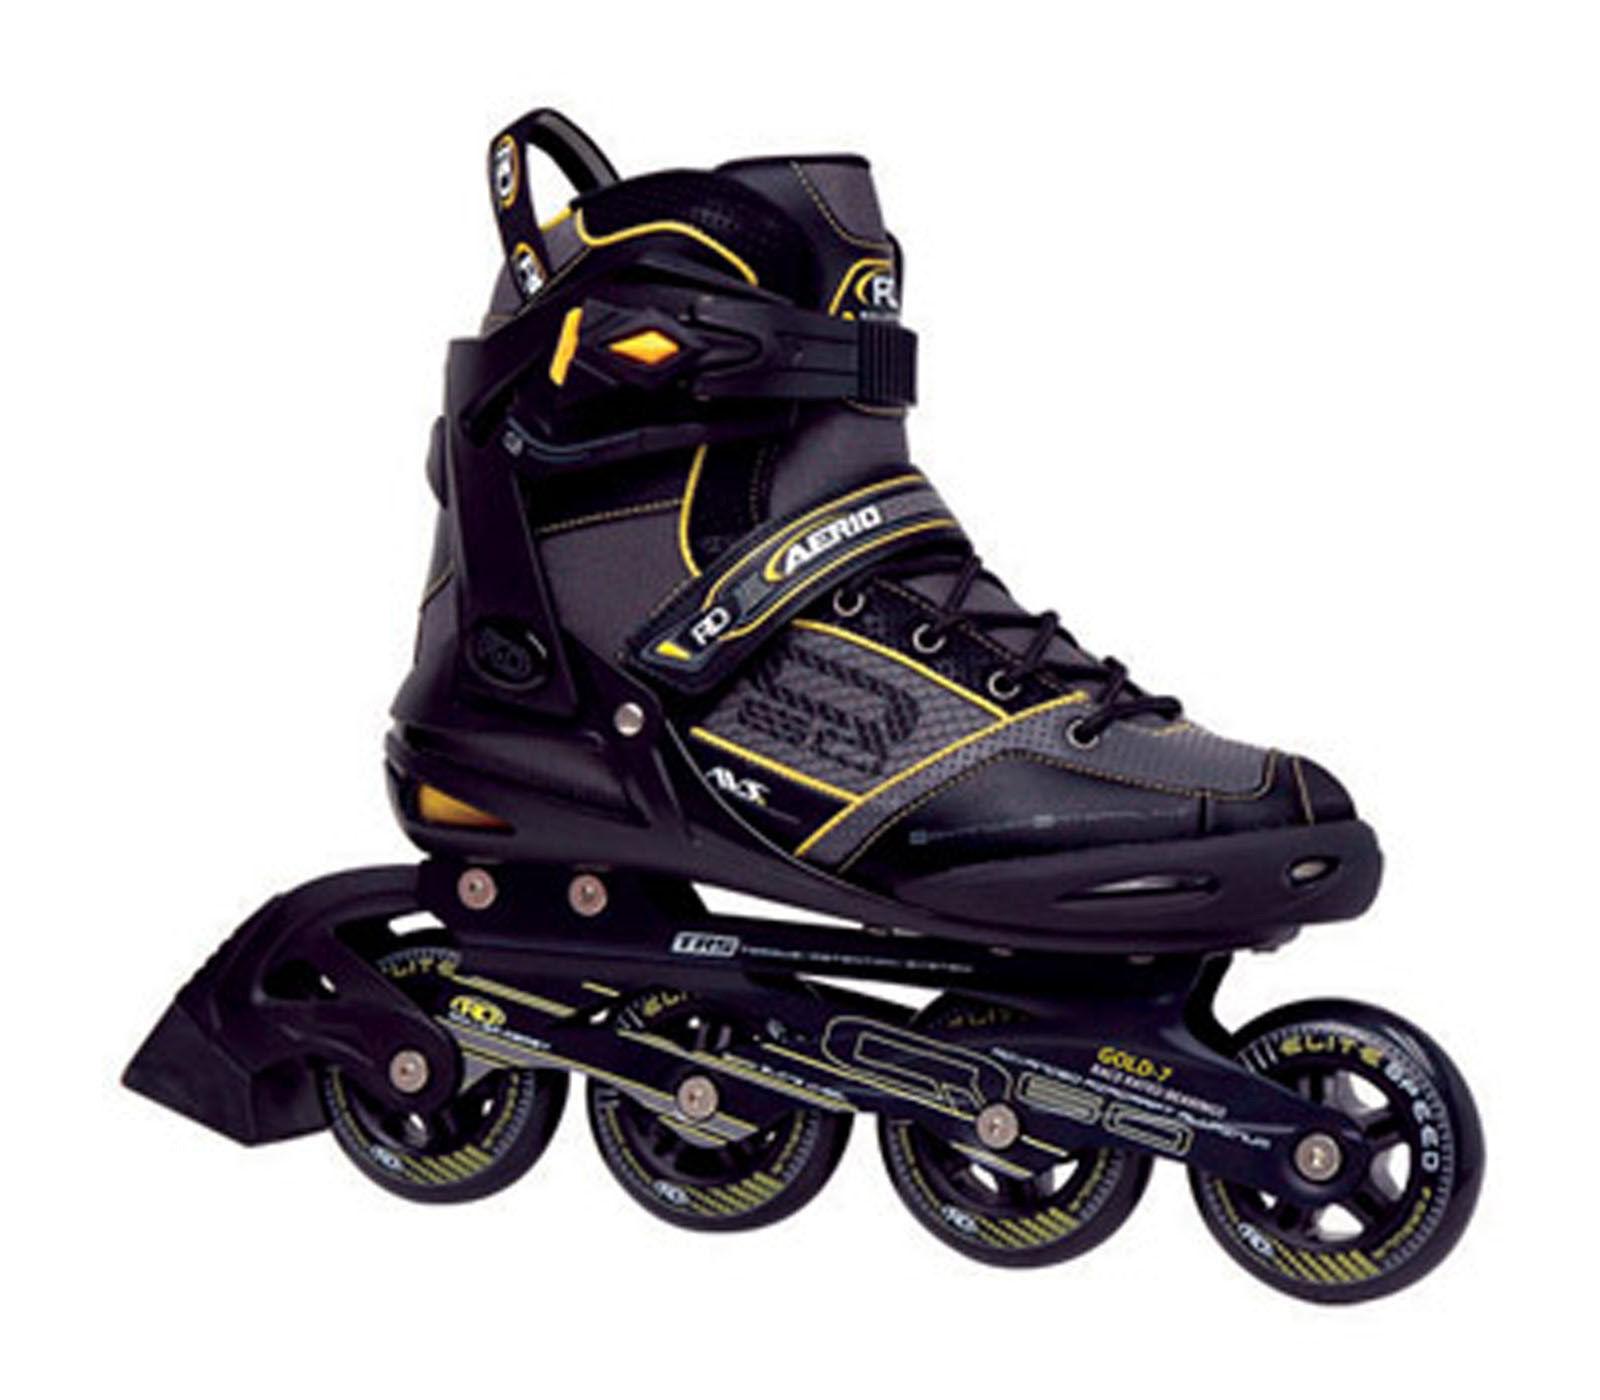 Roller Derby Aerio Aerio Derby Q60 Recreational Inline Skate 7aec0c